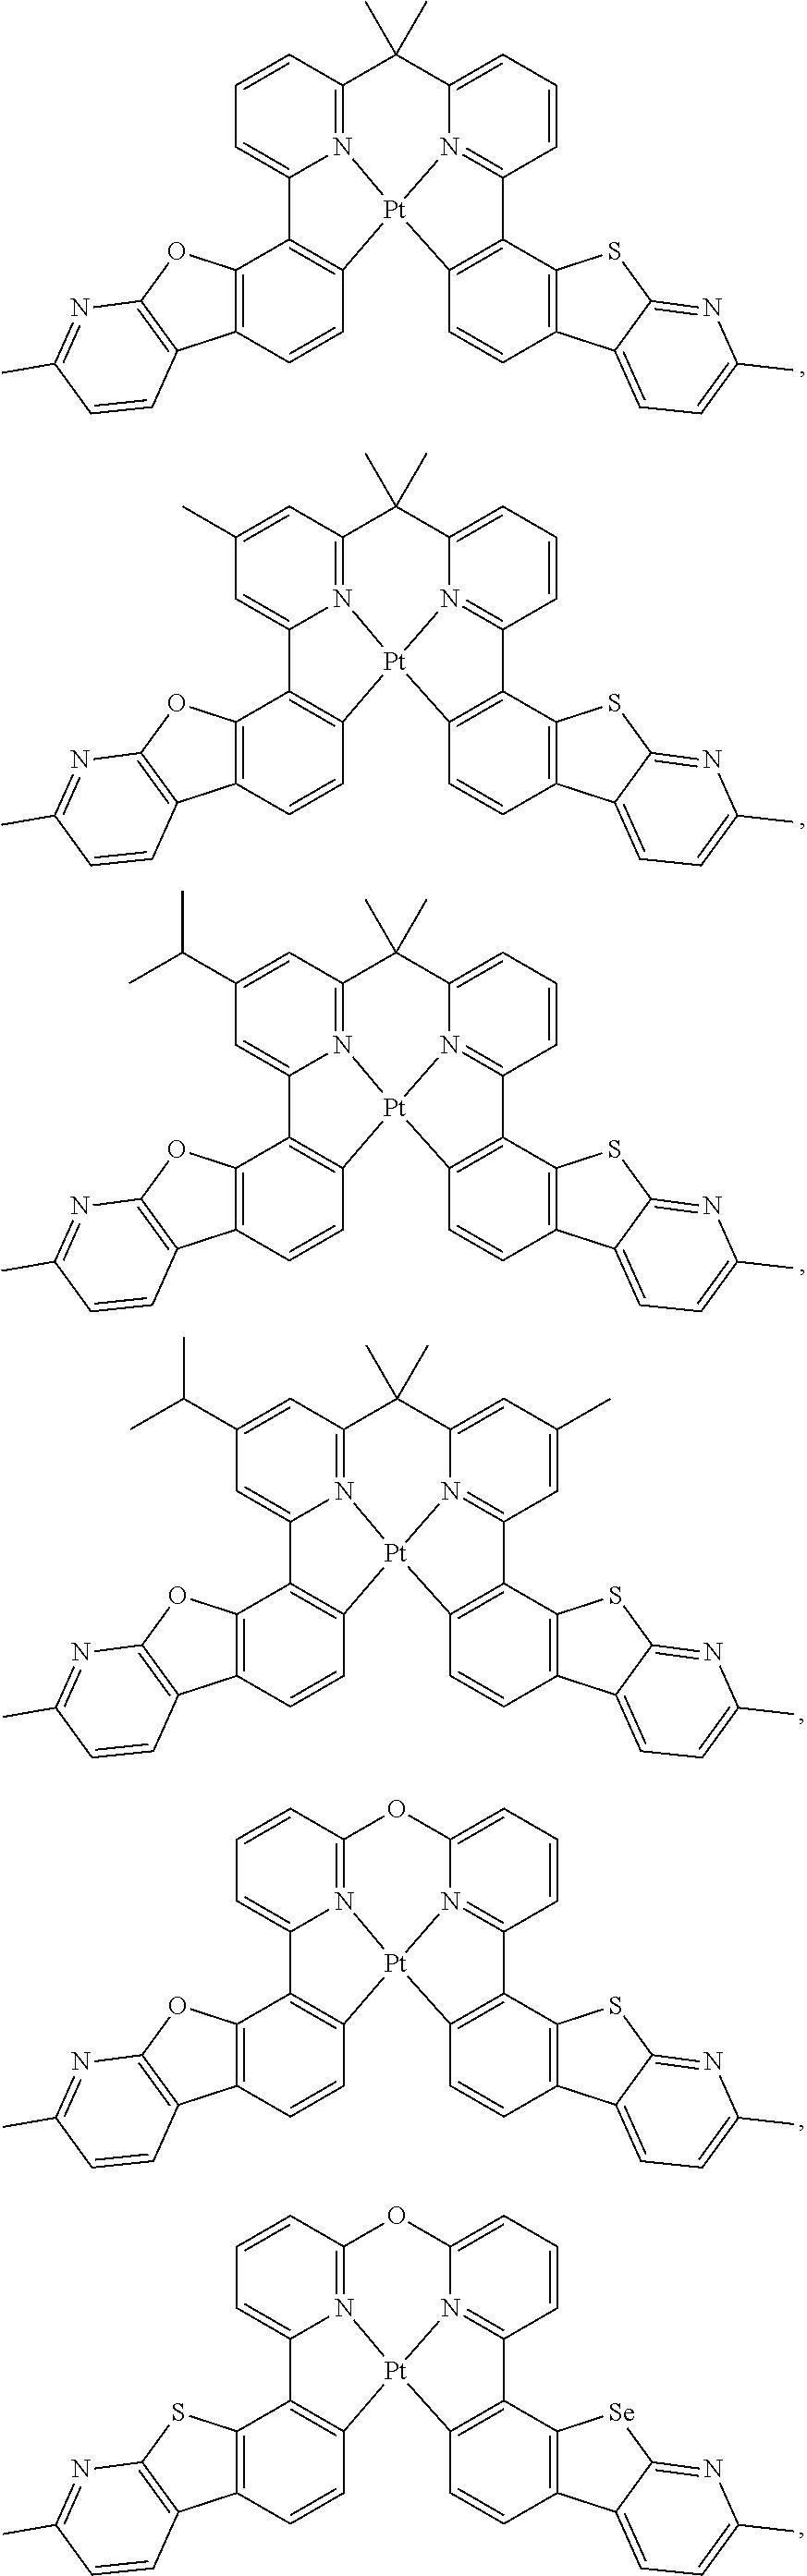 Figure US09871214-20180116-C00020